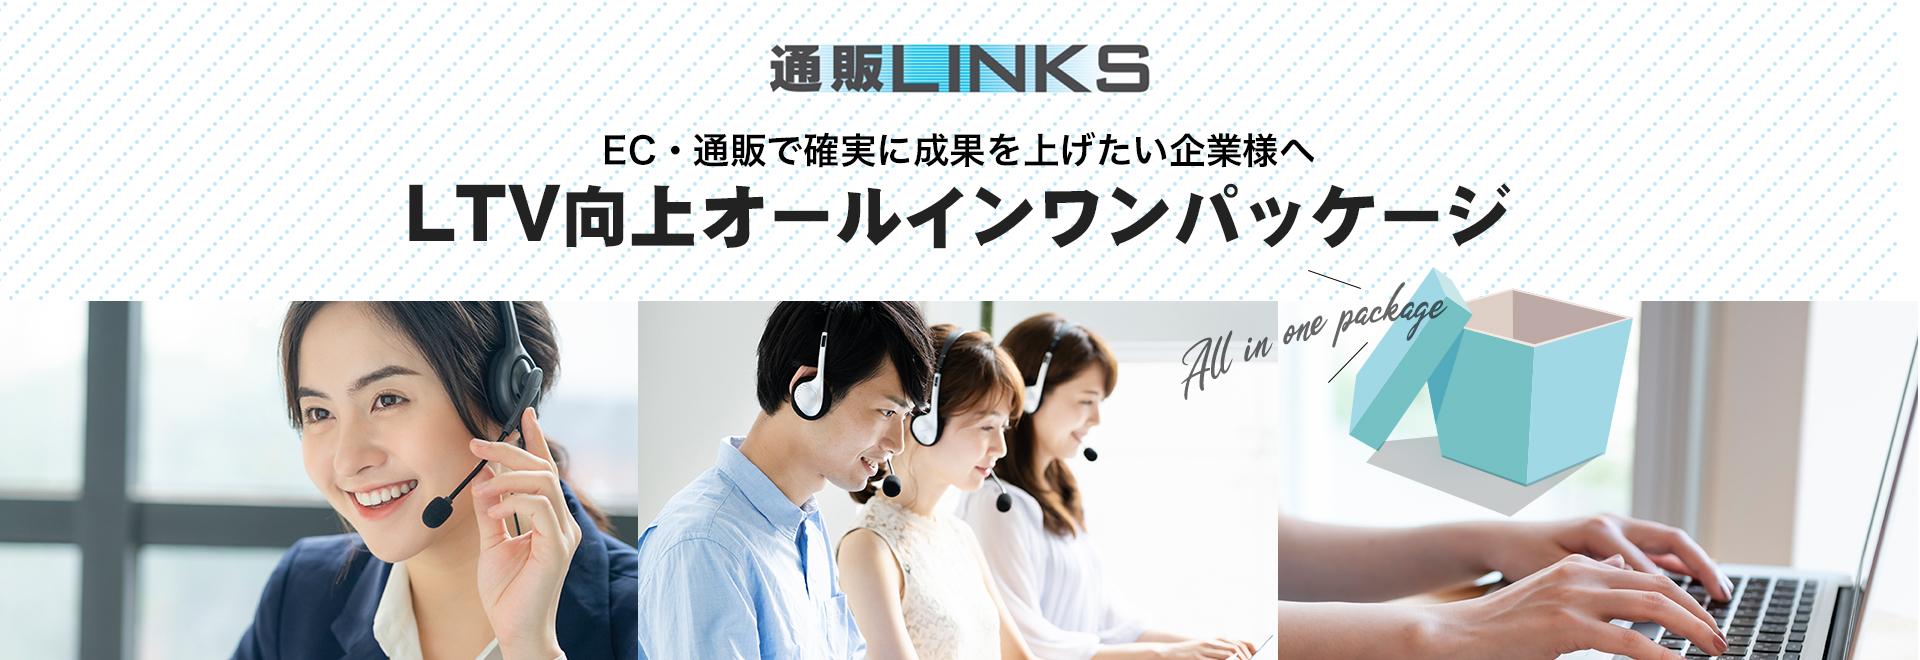 通販LINKS EC・通販で確実に成果を上げたい企業様へ LTV向上オールインワンパッケージ